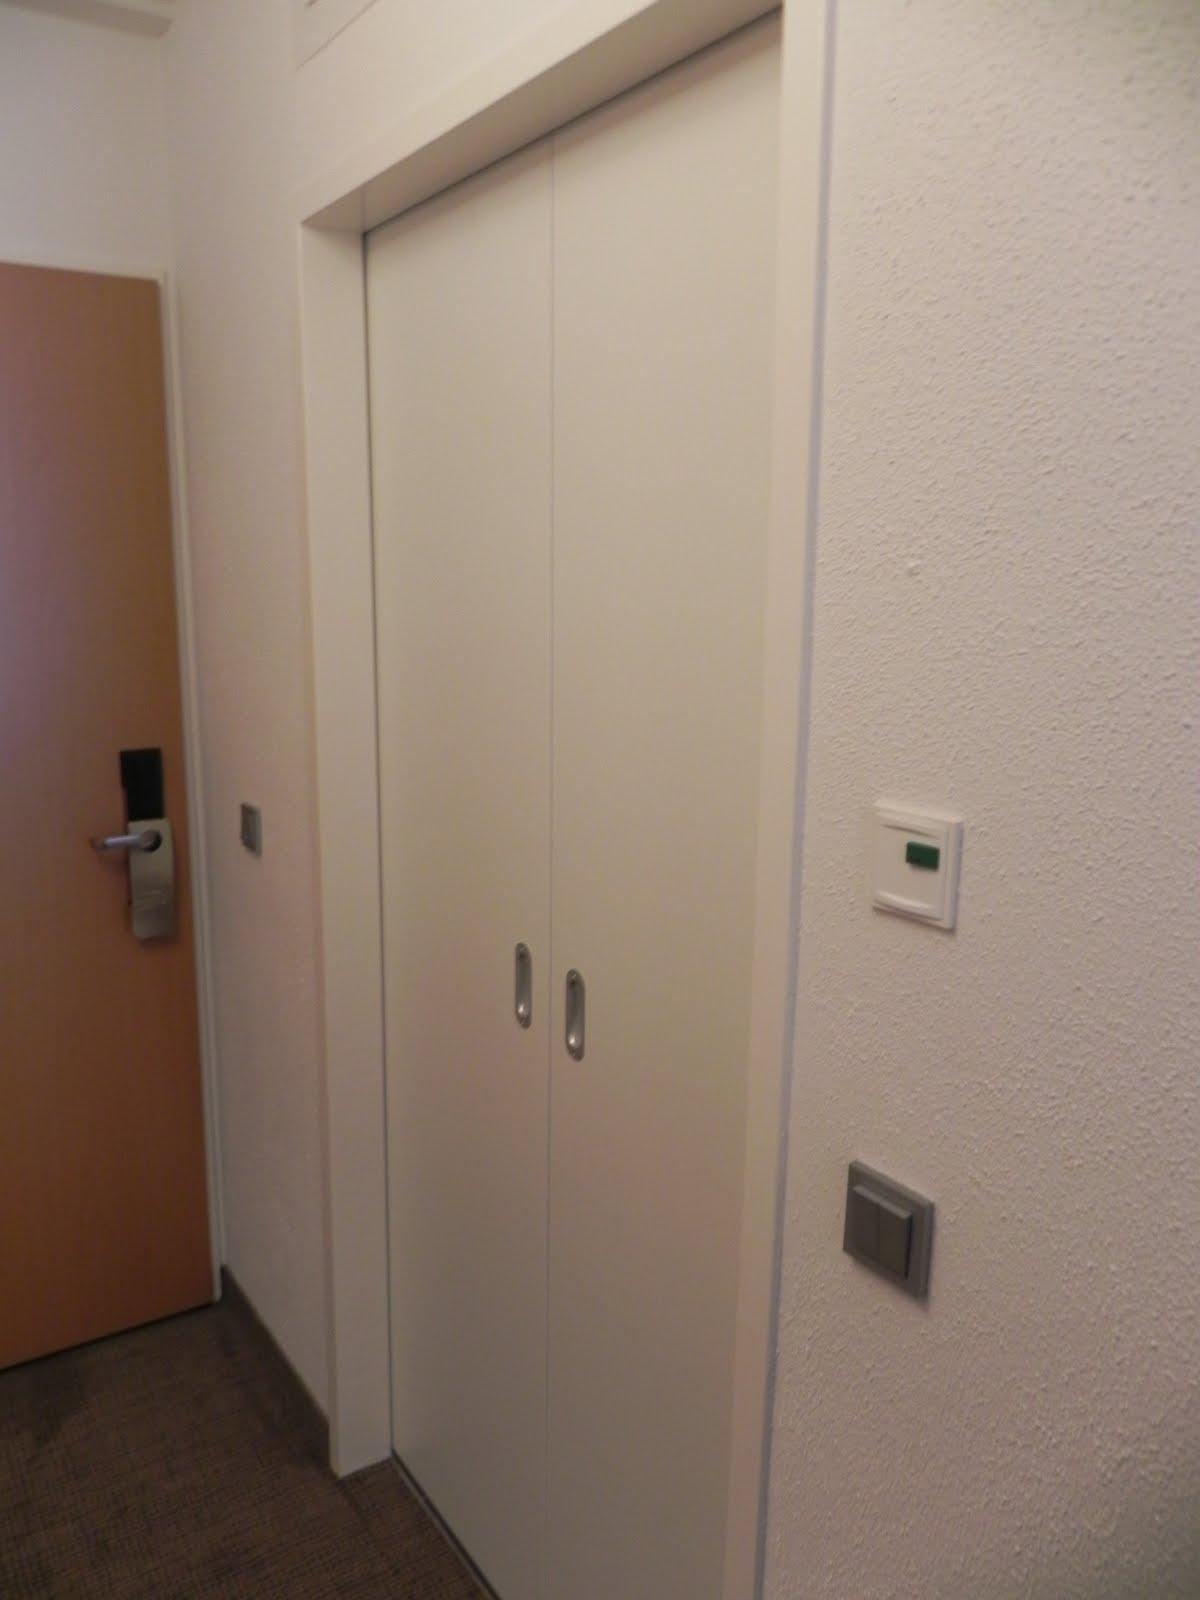 porta do banheiro acessível é do tipo correr possuindo fácil  #654533 1200x1600 Banheiro Acessivel Medidas Nbr